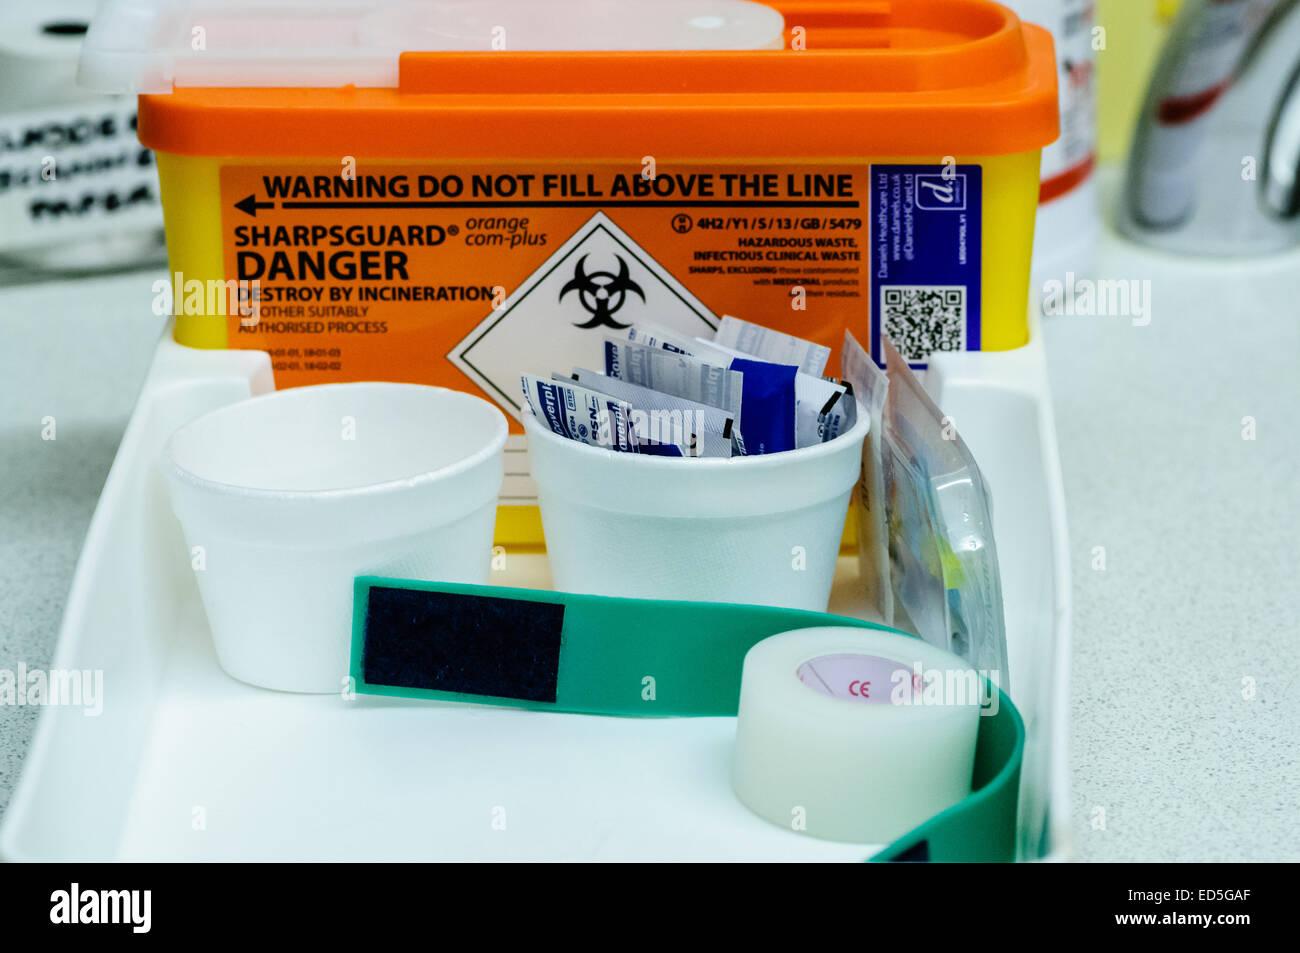 Vorbereiteten Tablett für Blutentnahme oder Verabreichung intravenöse Medikamente an Patienten. Stockbild